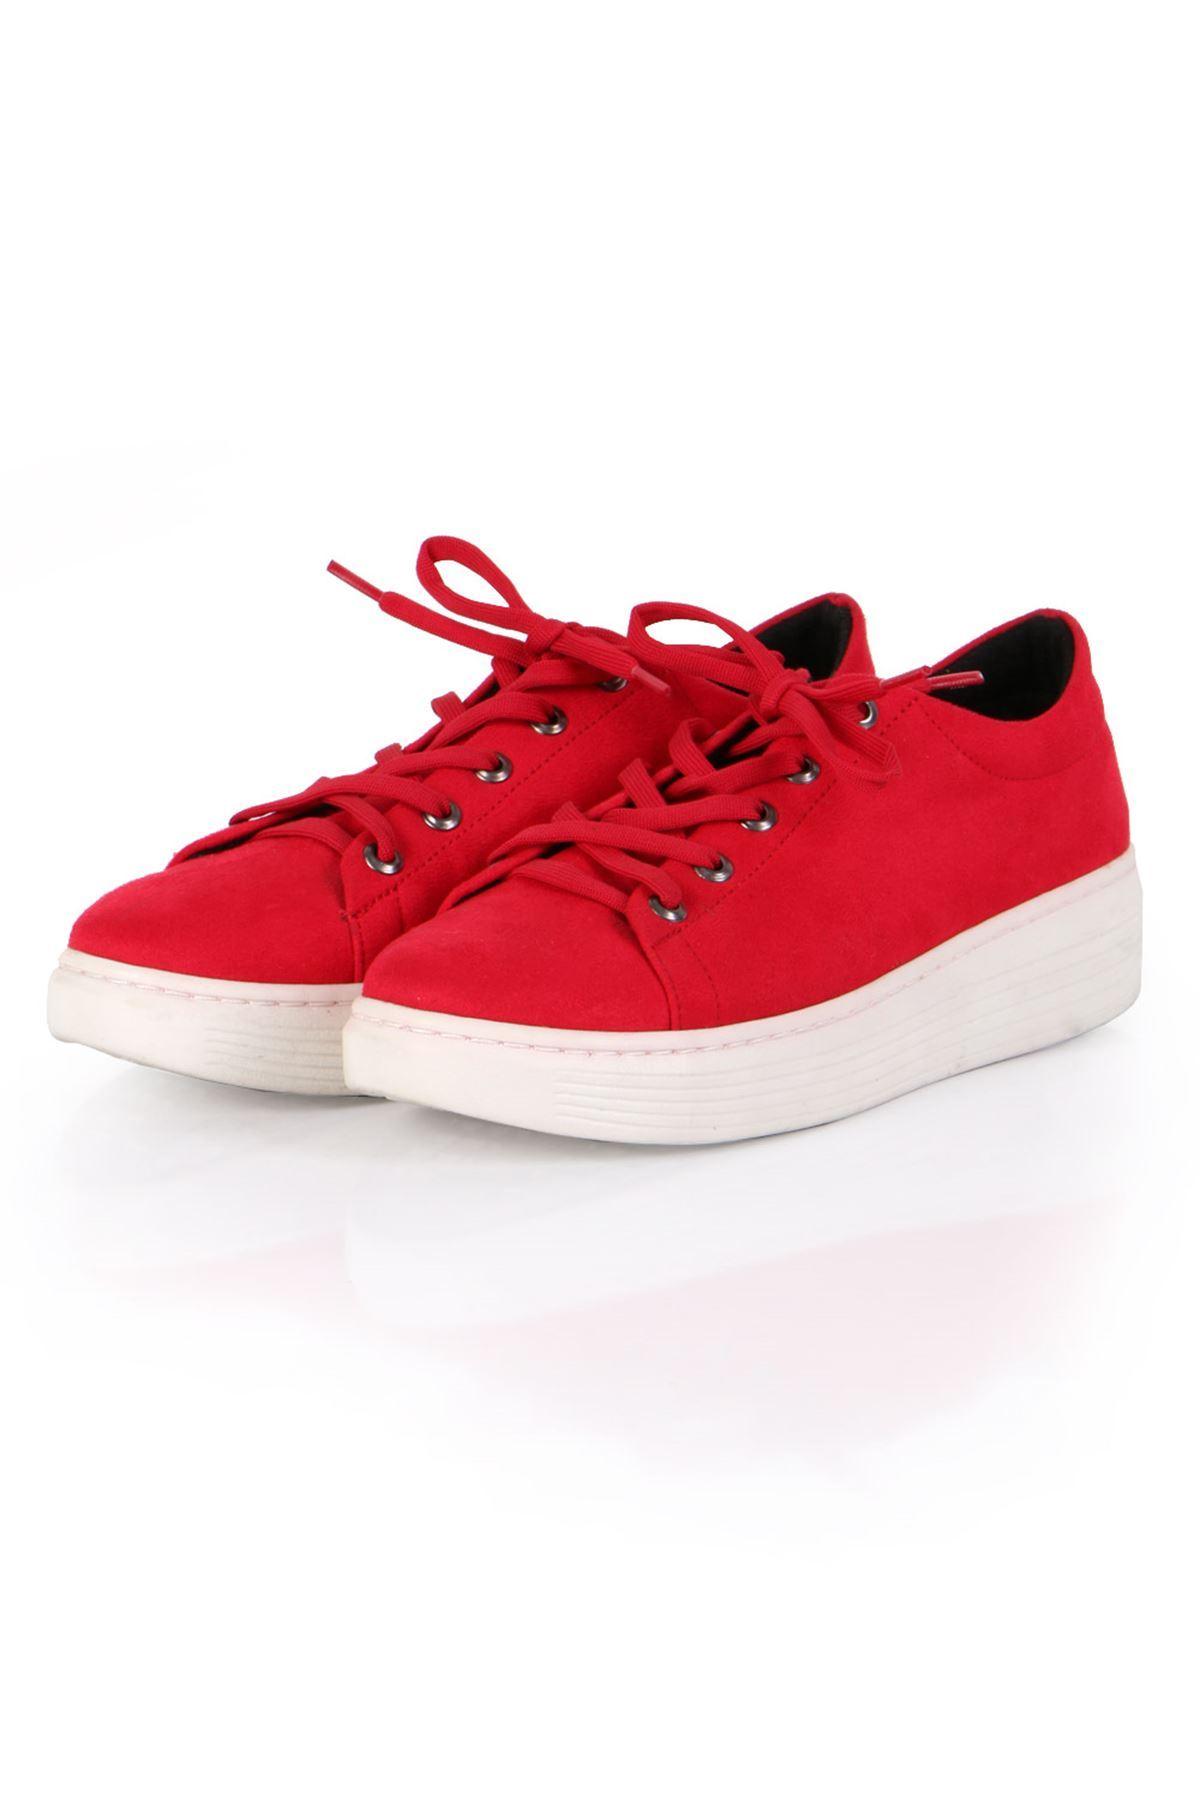 Kırmızı Süet Bağcıklı Spor Sneaker Ayakkabı